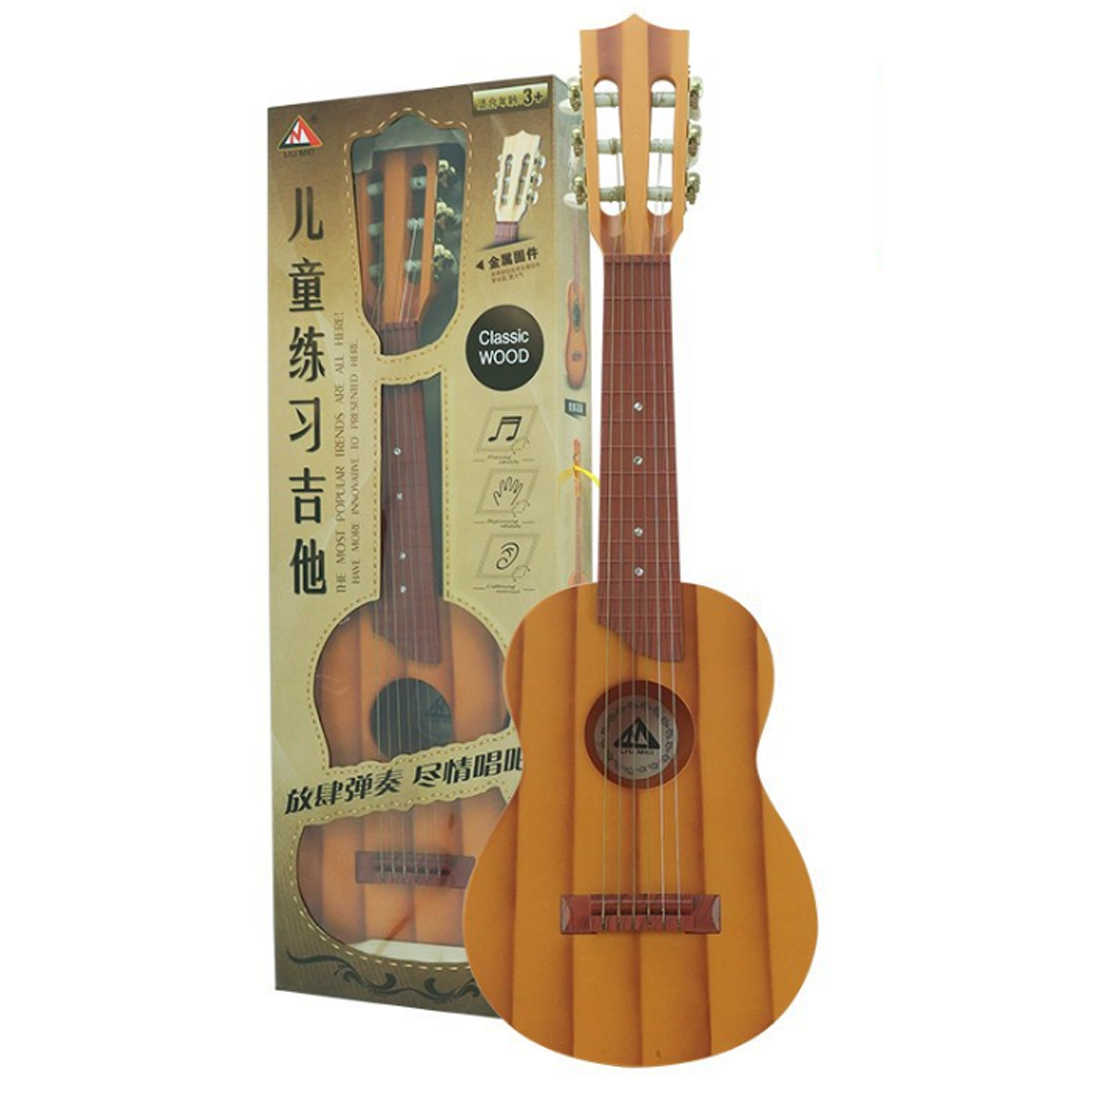 חדש באיכות גבוהה 138 Seriess סימולציה 6 מיתרי Ukulele צעצועי מוקדם חינוכי מוסיקה מכשיר